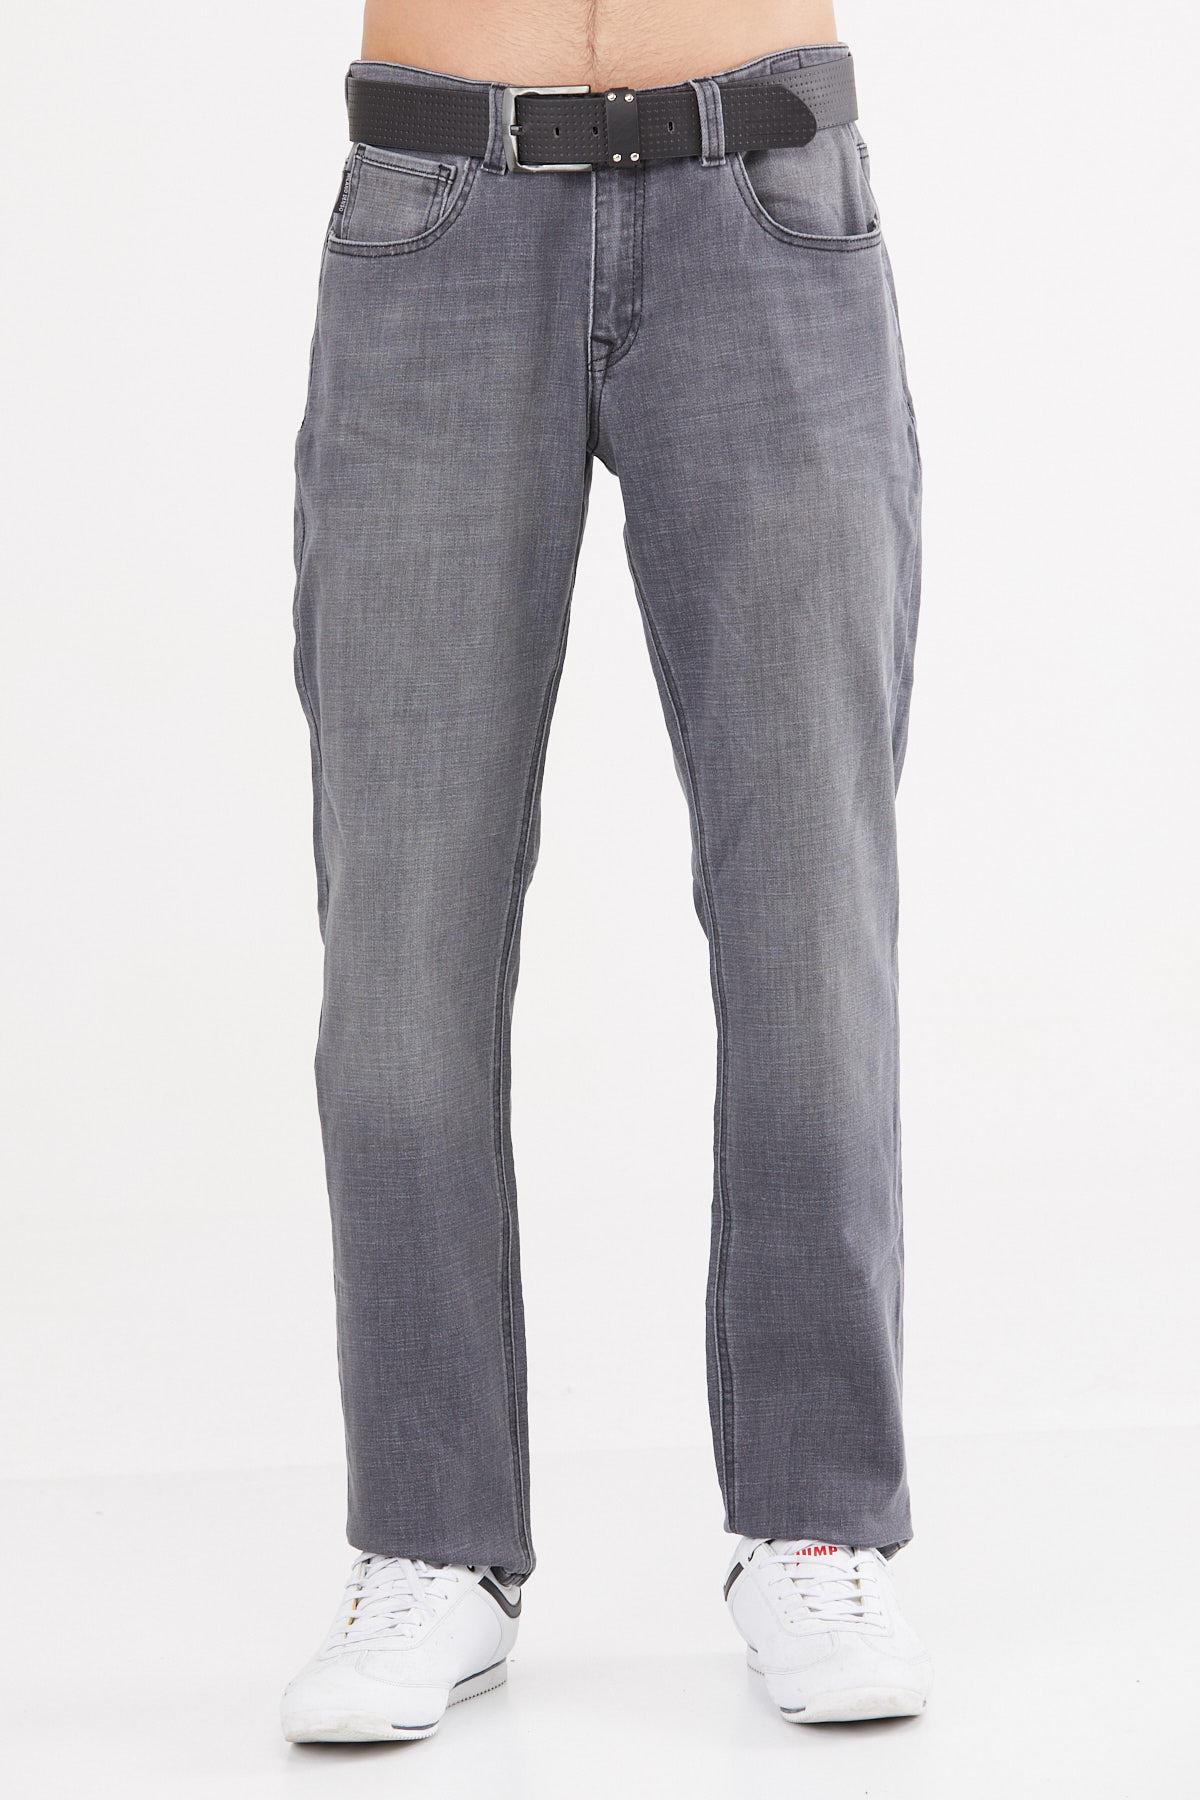 Milano Denso F 6001-1 СЕРЫЙ Мyжские брюки